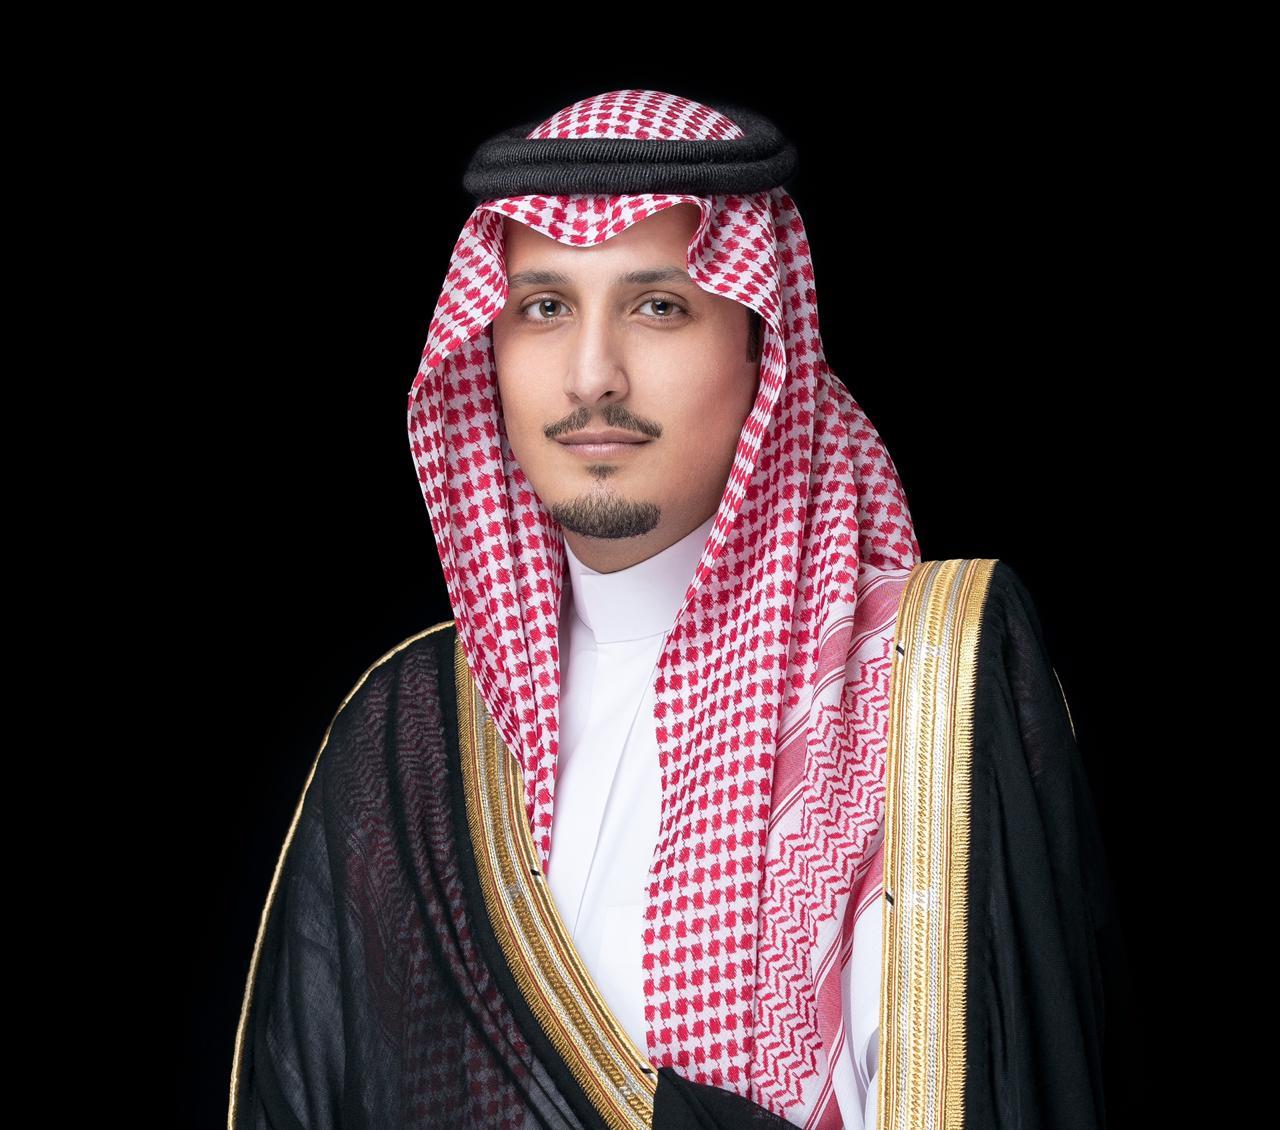 نائب أمير المنطقة الشرقية في ذكرى البيعة : ملك عادل .. وشعب وفي